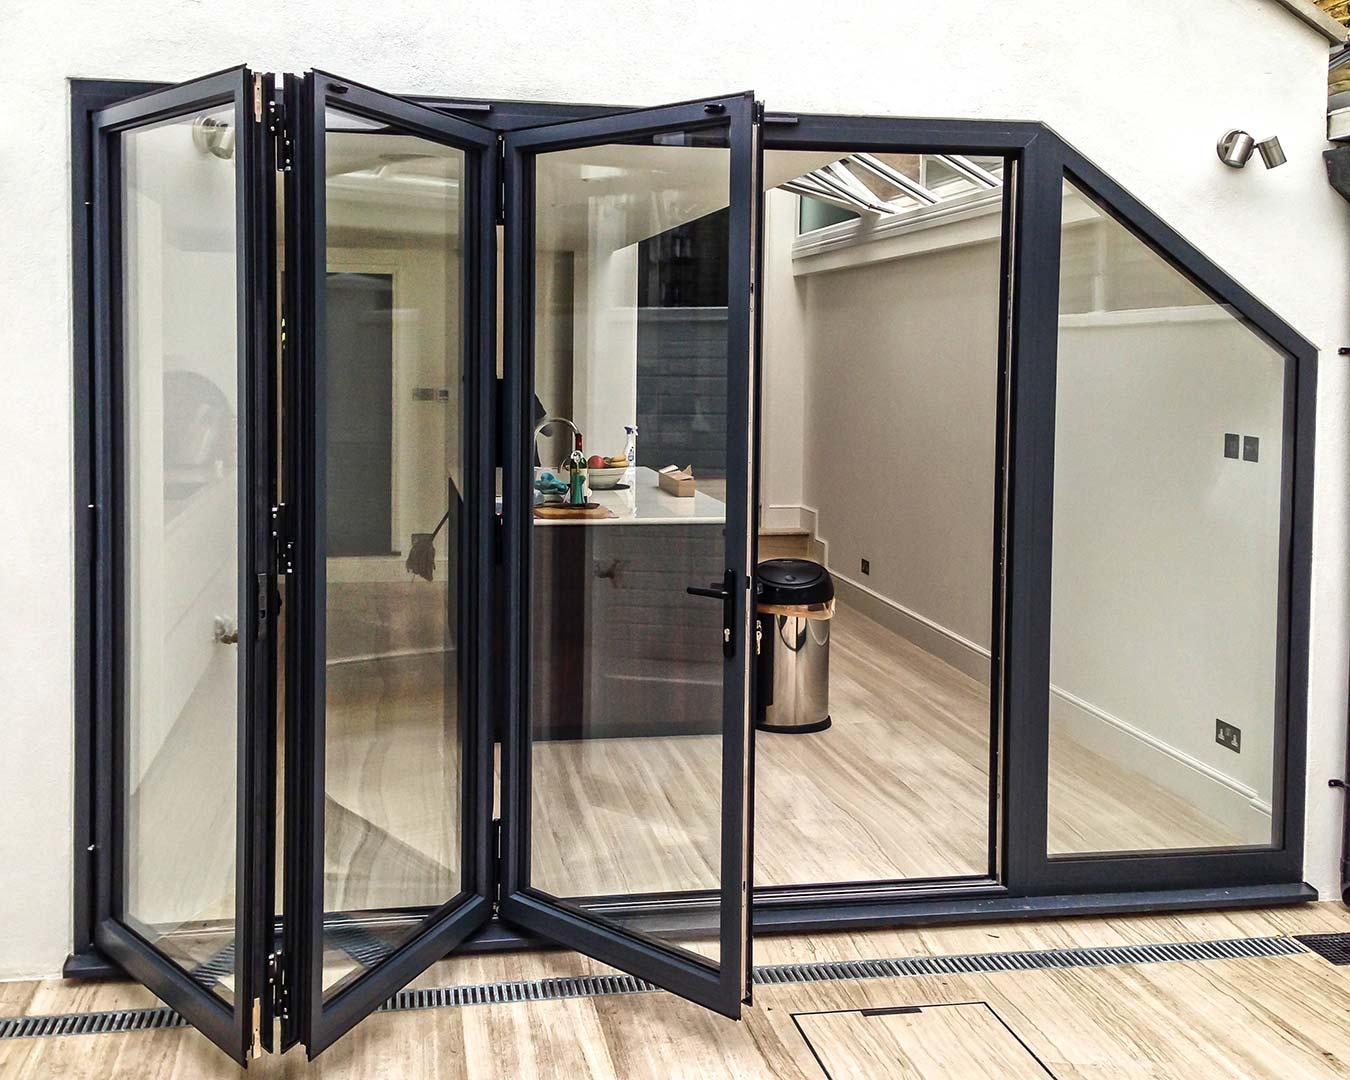 CF77 Bi-folding Doors